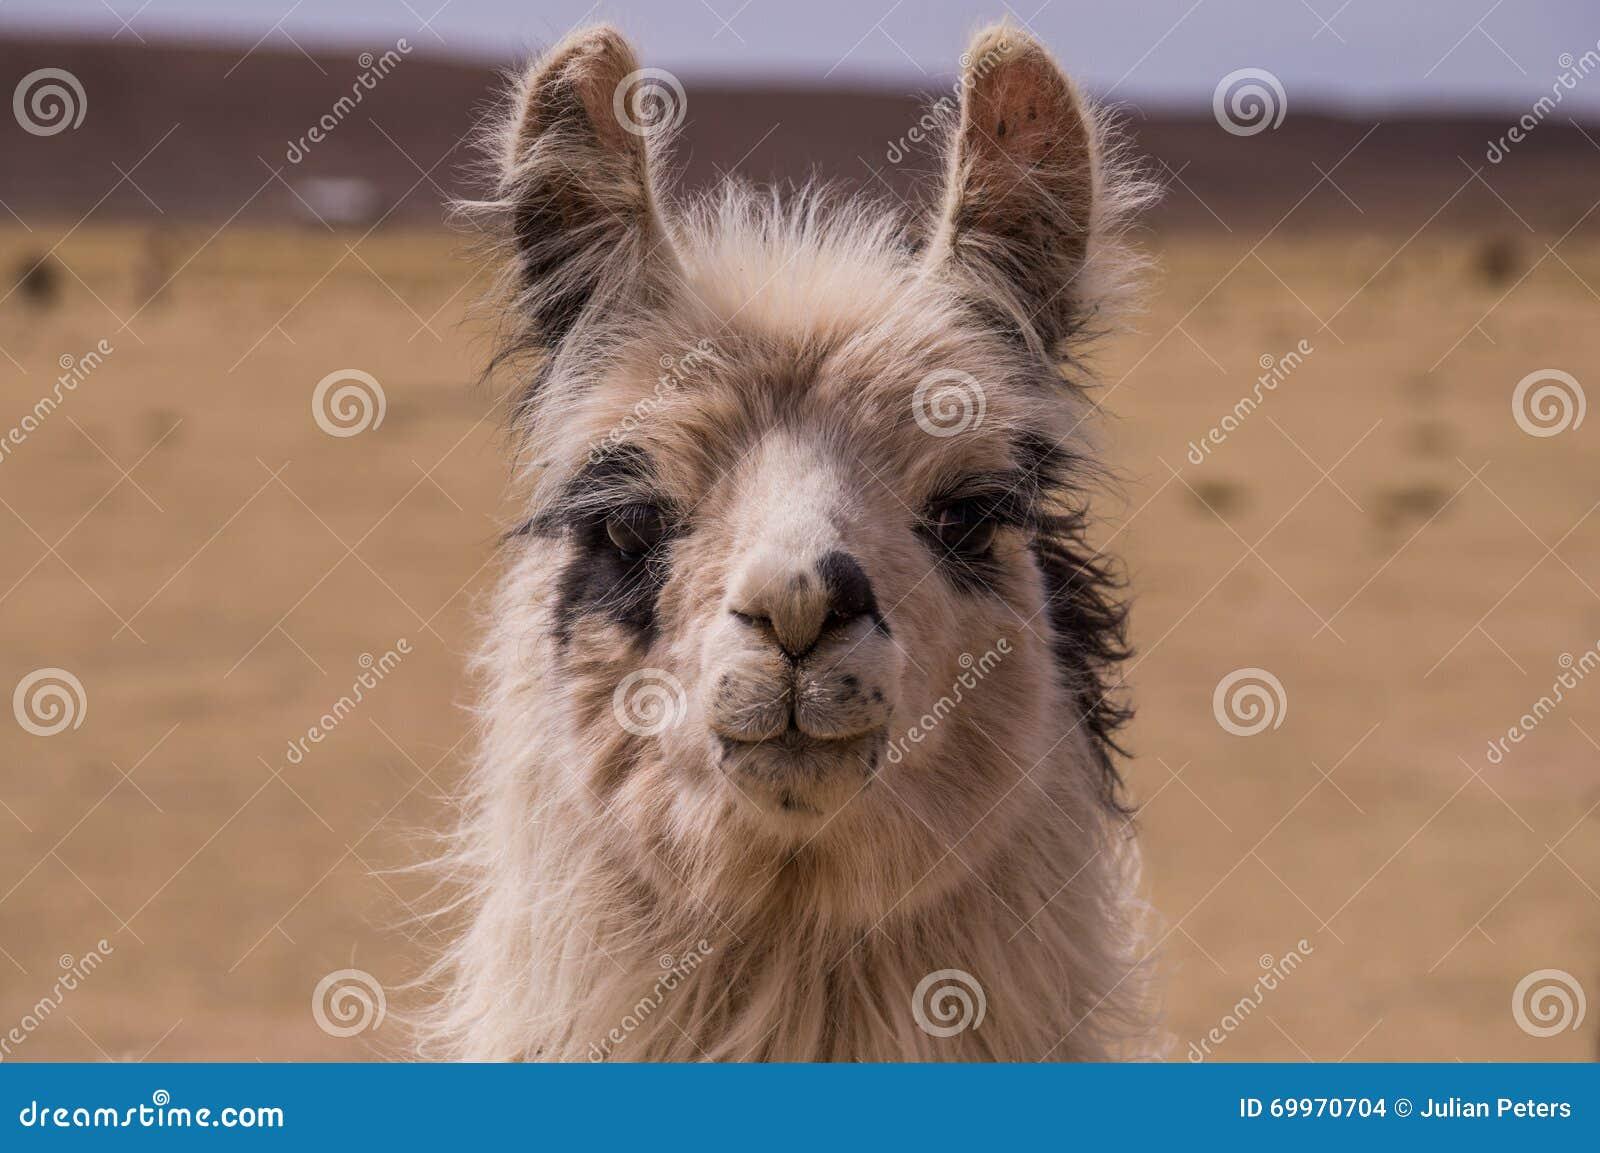 Lama Alpaca-Porträt